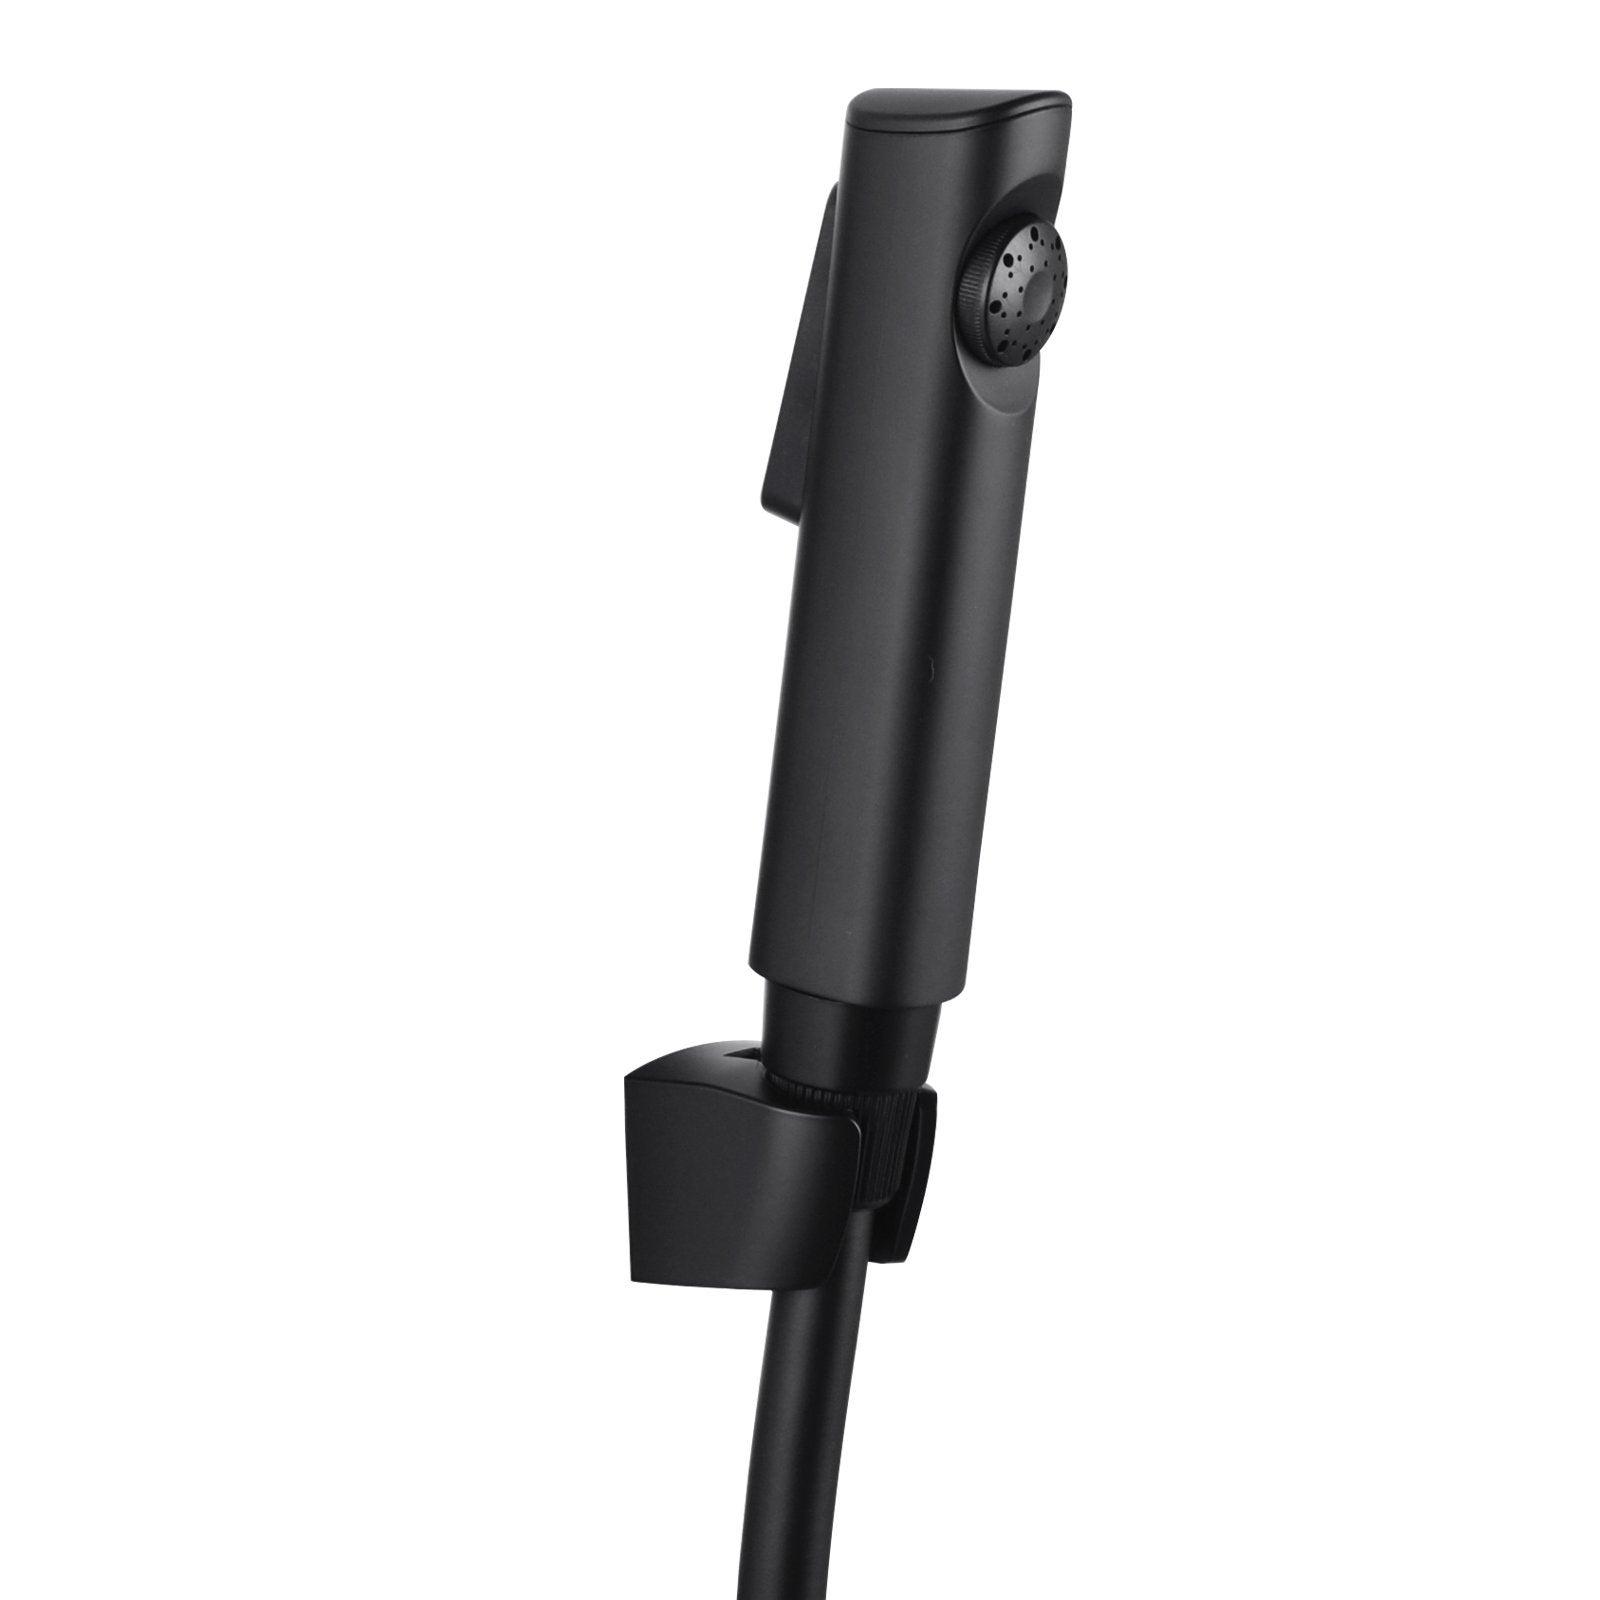 Bathroom Black ABS Handheld Toilet Bidet Spray Kit with PVC Water Hose